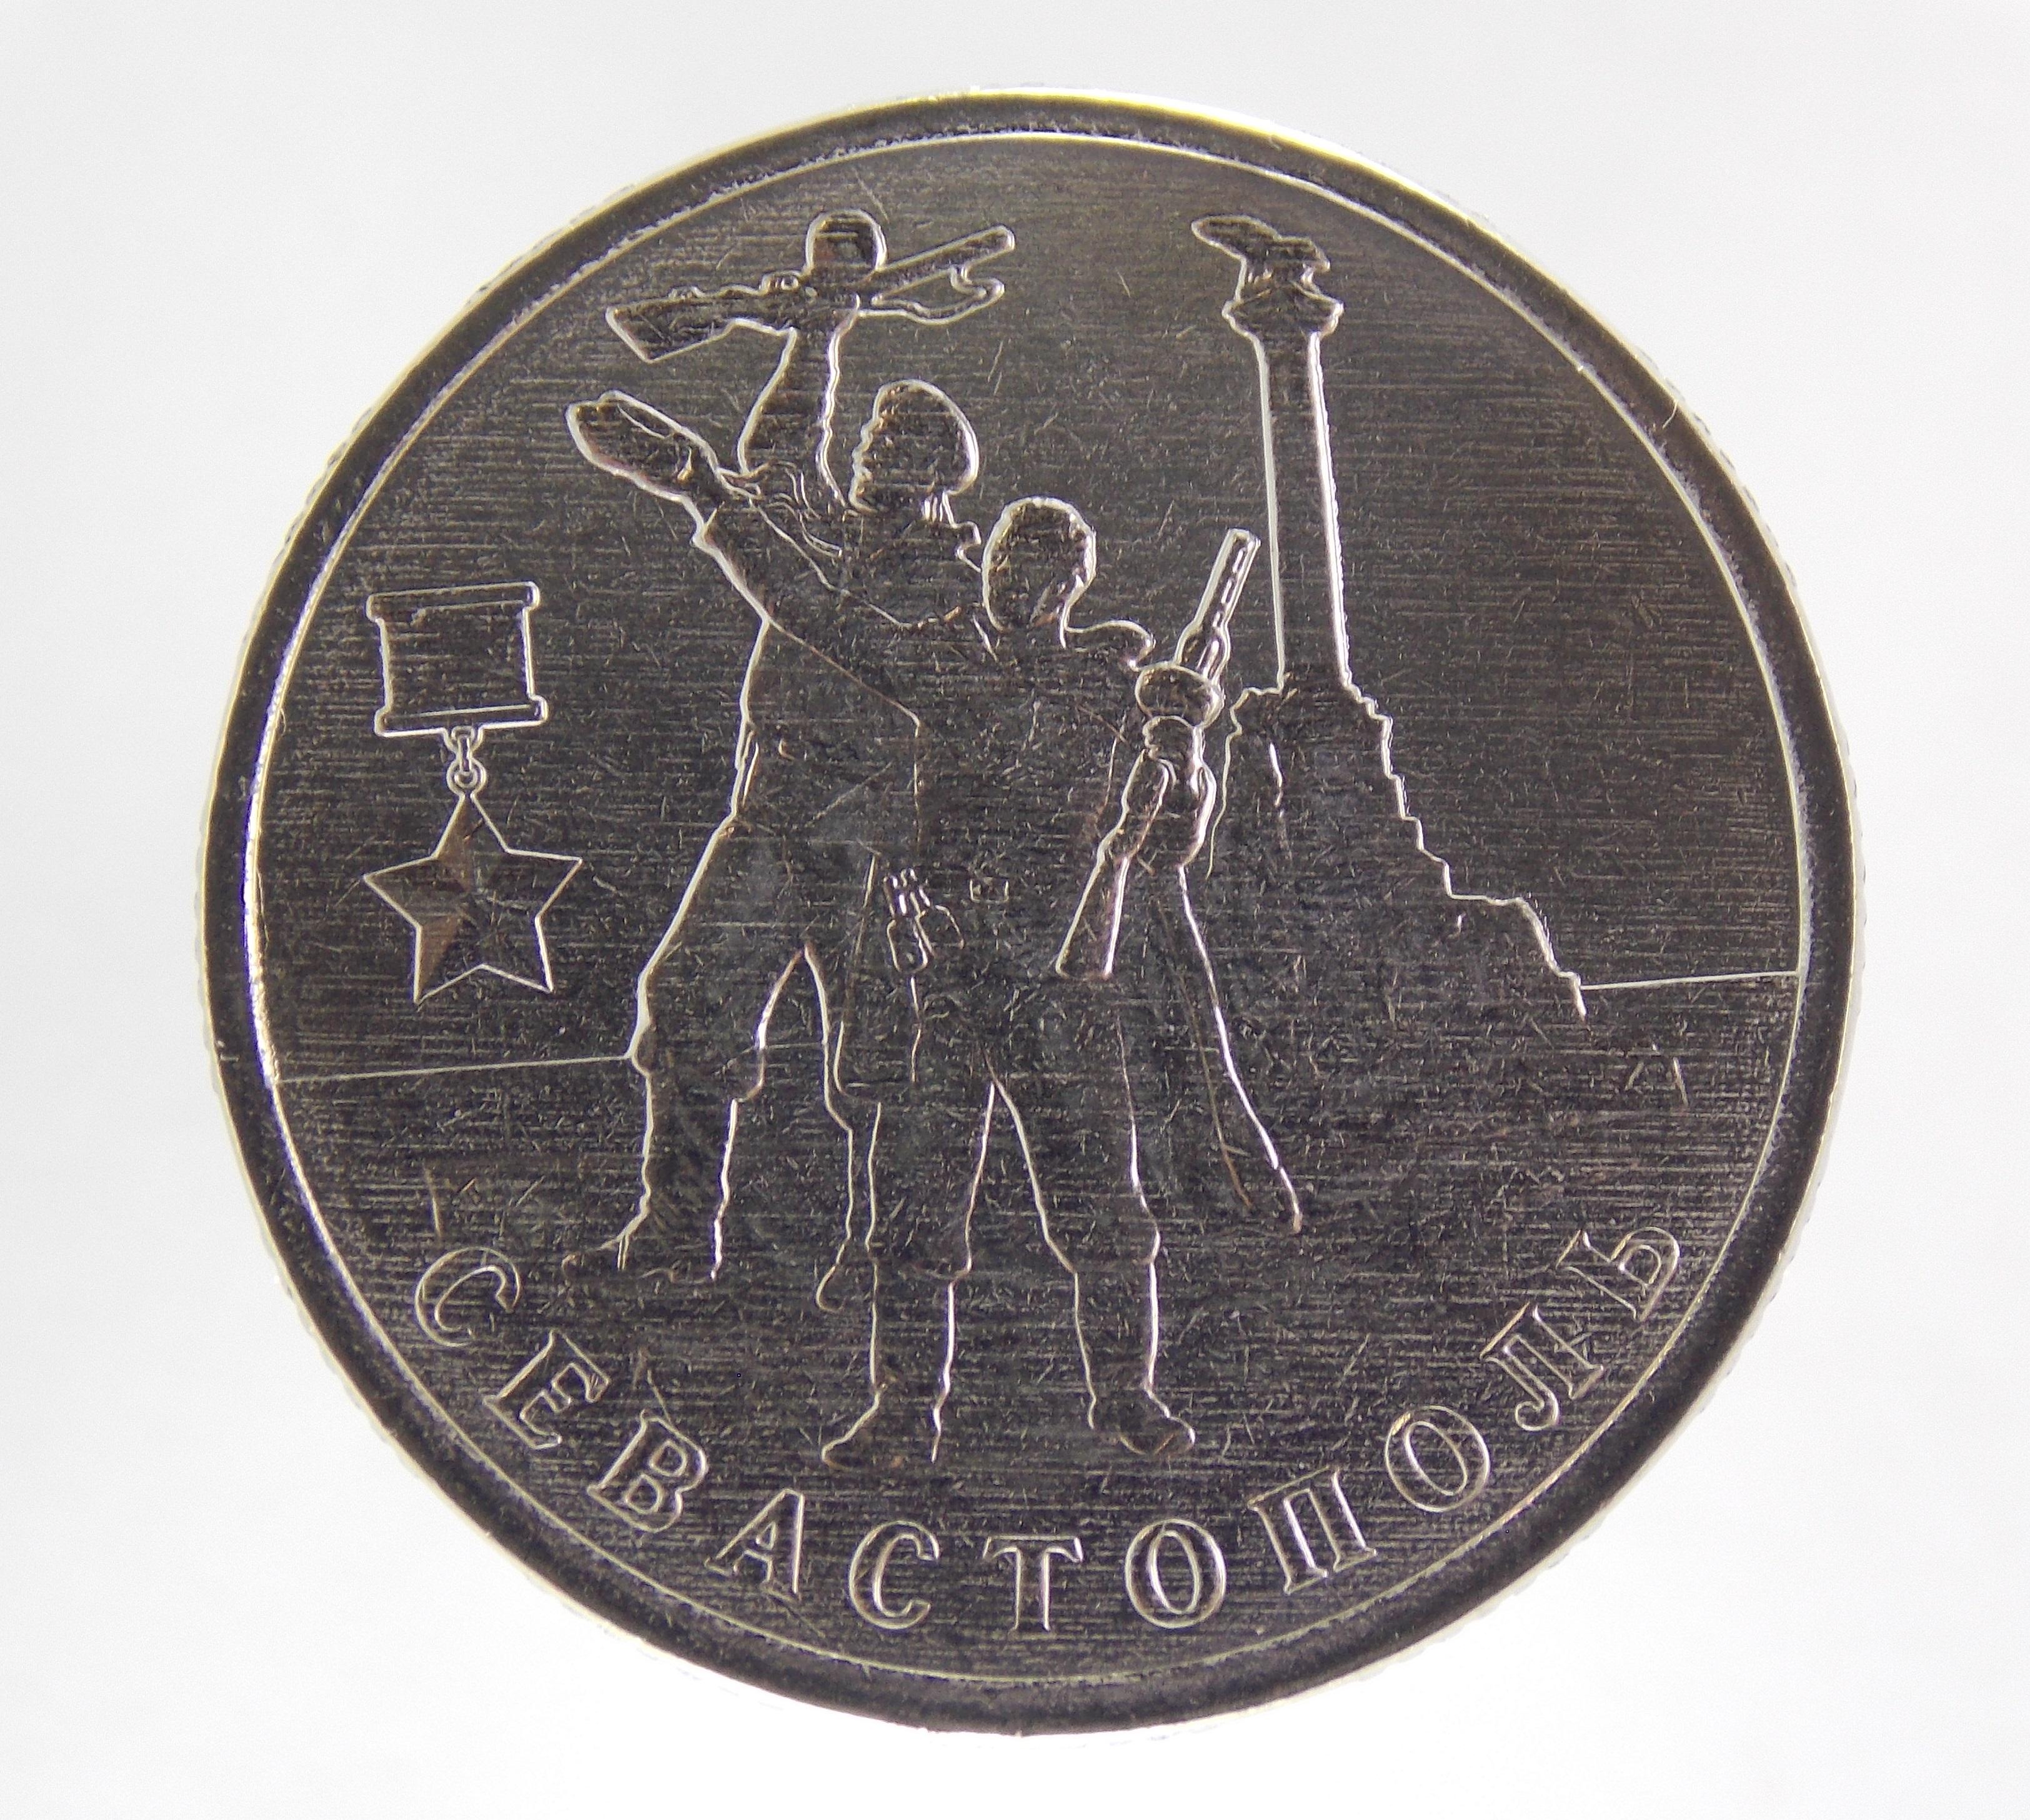 Магазин коллекционер в севастополе монеты украины цены 5 копеек